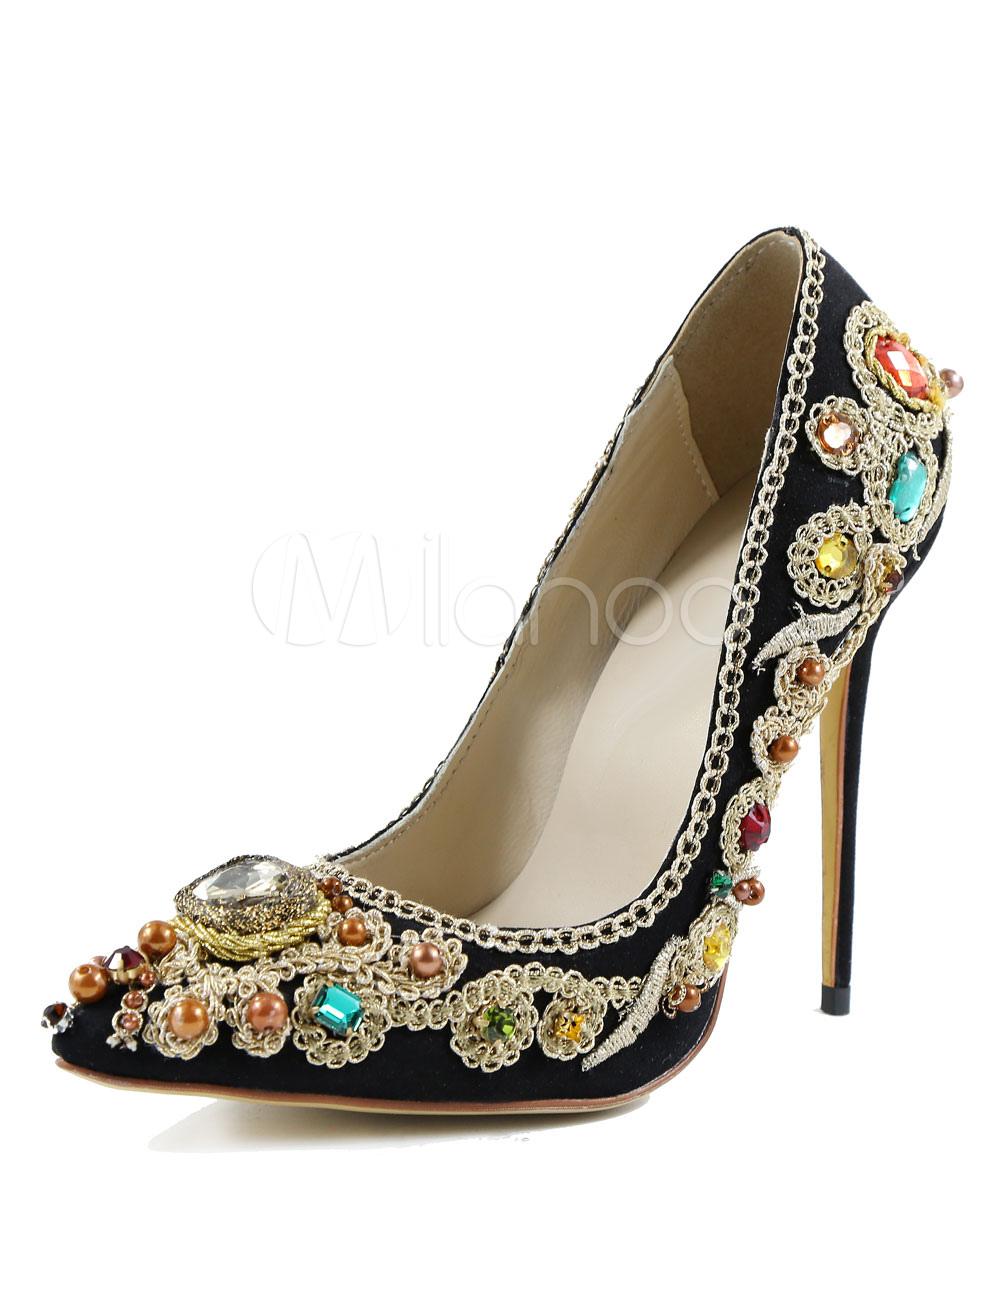 ... Scarpe con tacchi alti nere pelle artistico strass tacco a fino 12cm a punta  donna -. 1. -30%. colore Nero c34e1e0d192